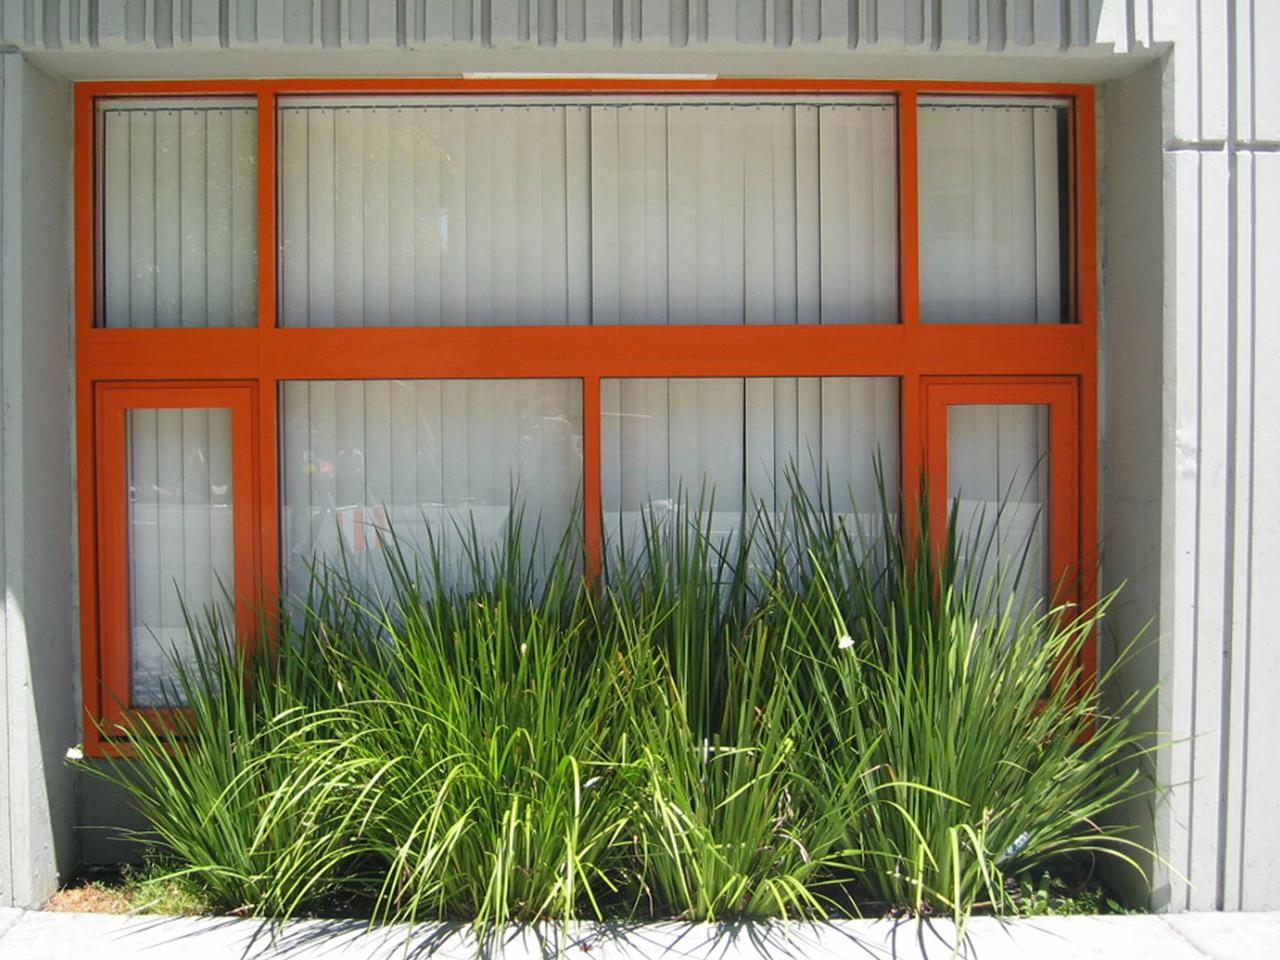 Urban garden window